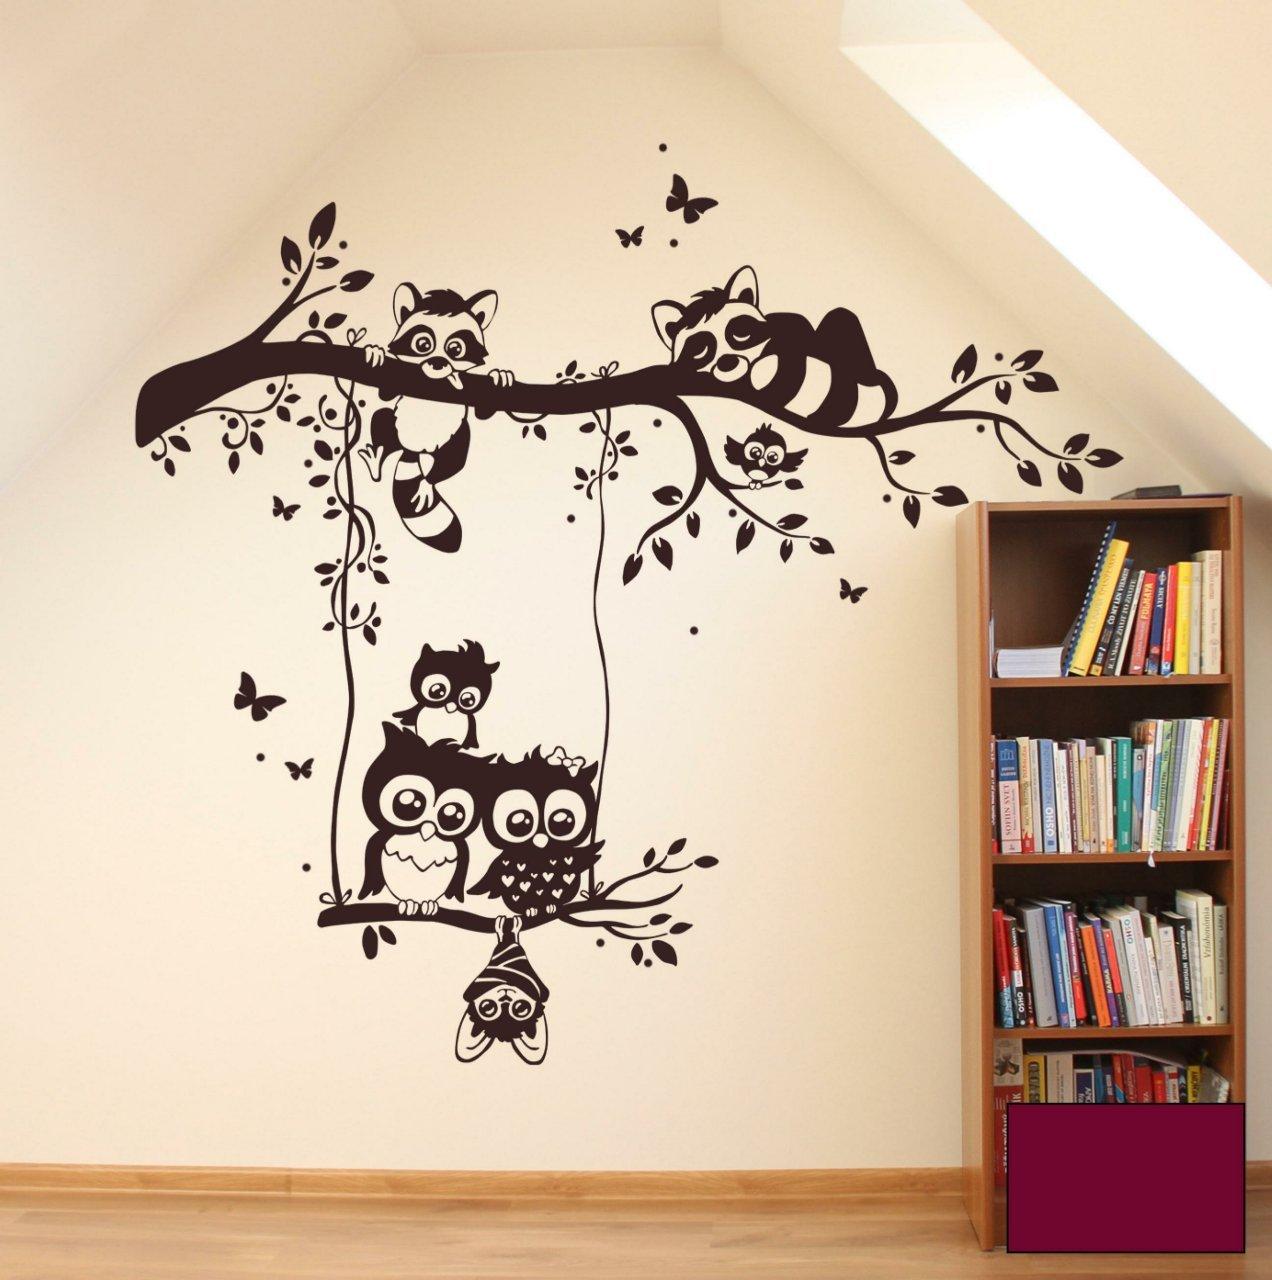 Wandtattoo Wandaufkleber Eulen Waschbären auf Zweig AST Eulenwandtattoo M1545 - ausgewählte Farbe  Beere - ausgewählte Größe  XXL 140cm breit x 123cm hoch